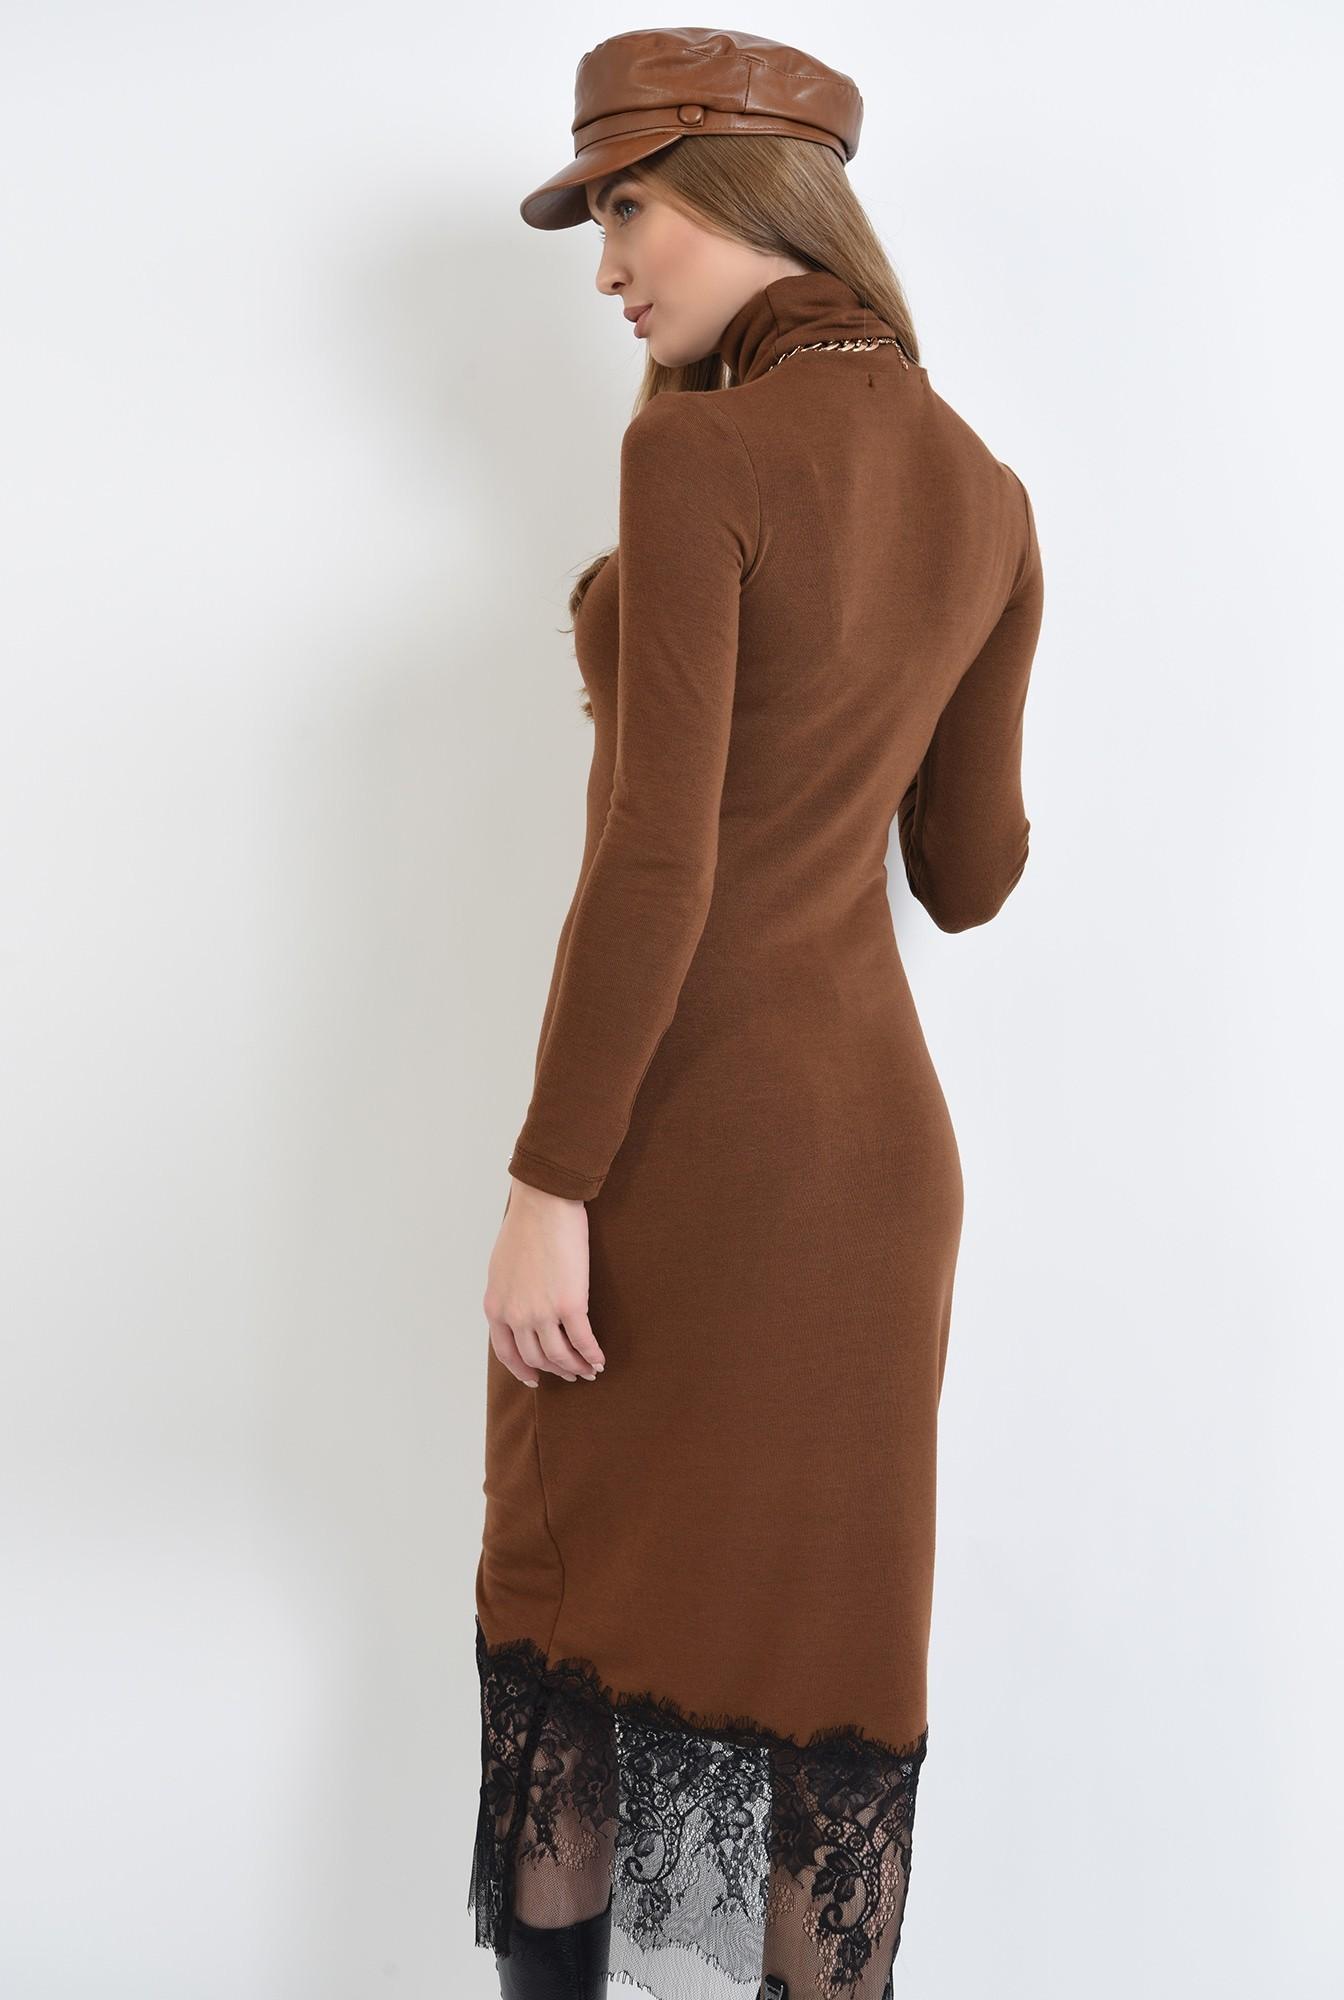 1 - rochie maro, tricotata, cu guler inalt, Poema